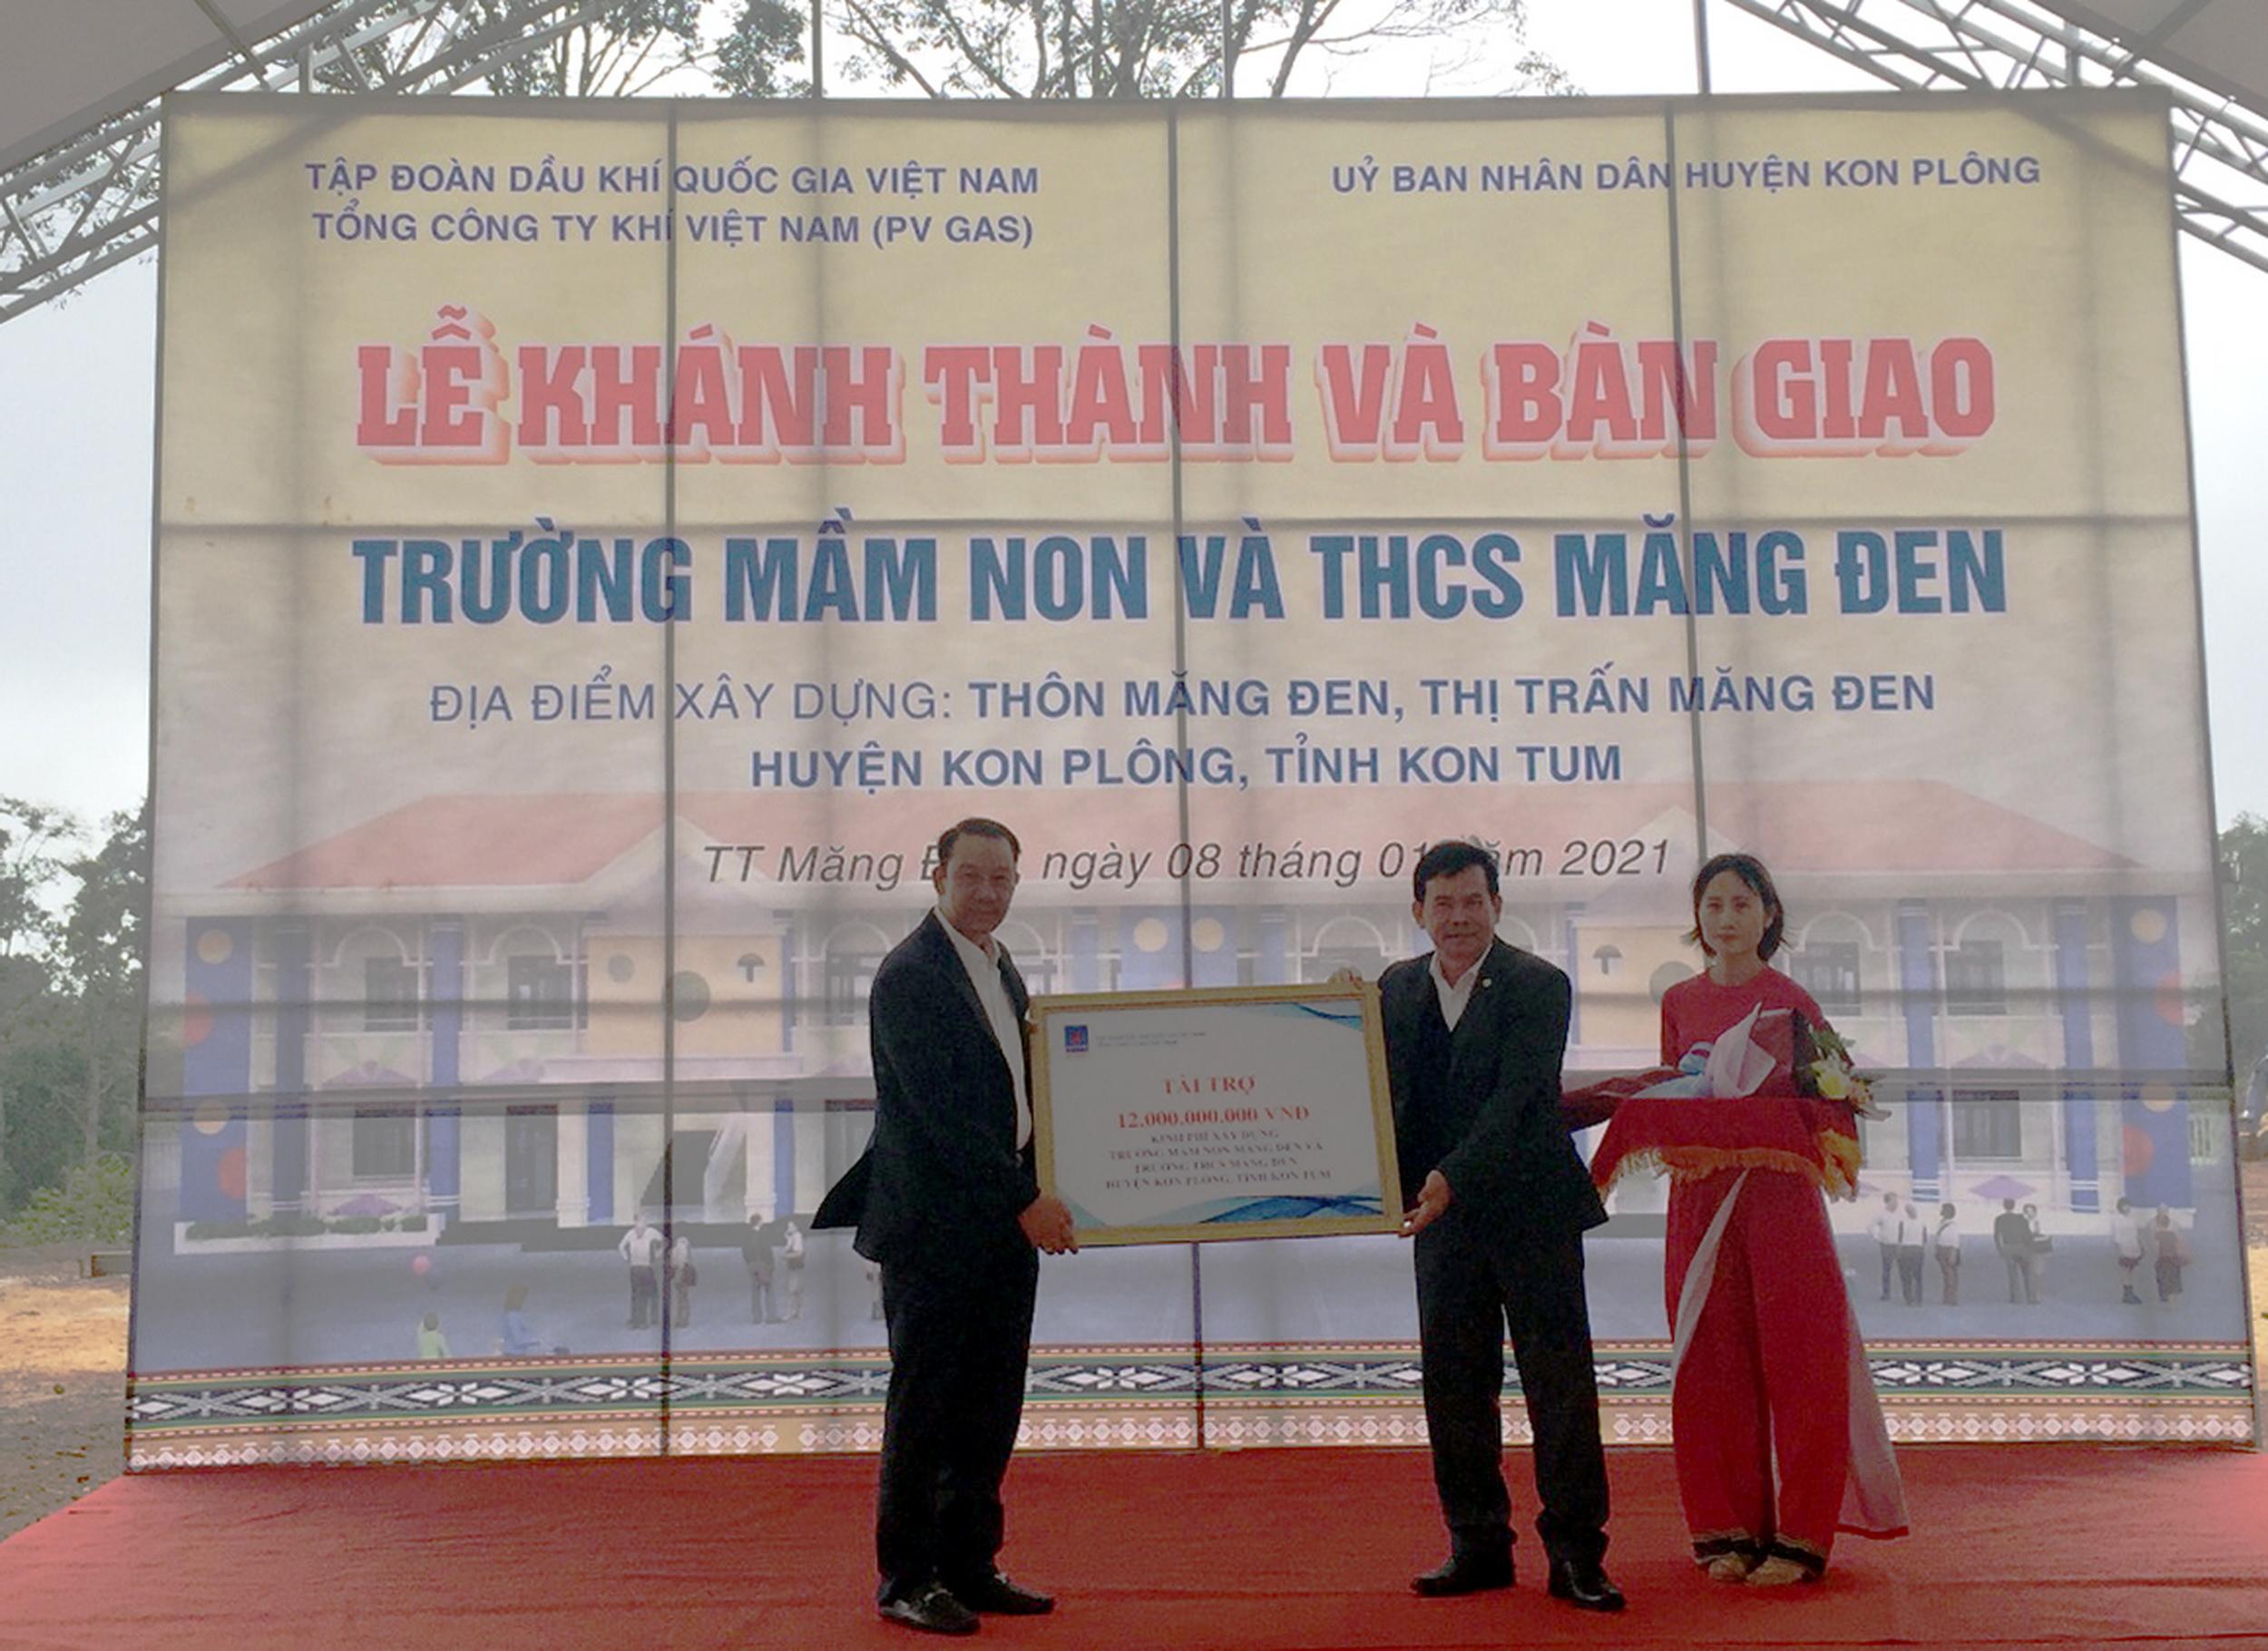 Nghi thức trao chứng nhận tài trợ 12 tỷ xây dựng 2 trường học Kon Tum